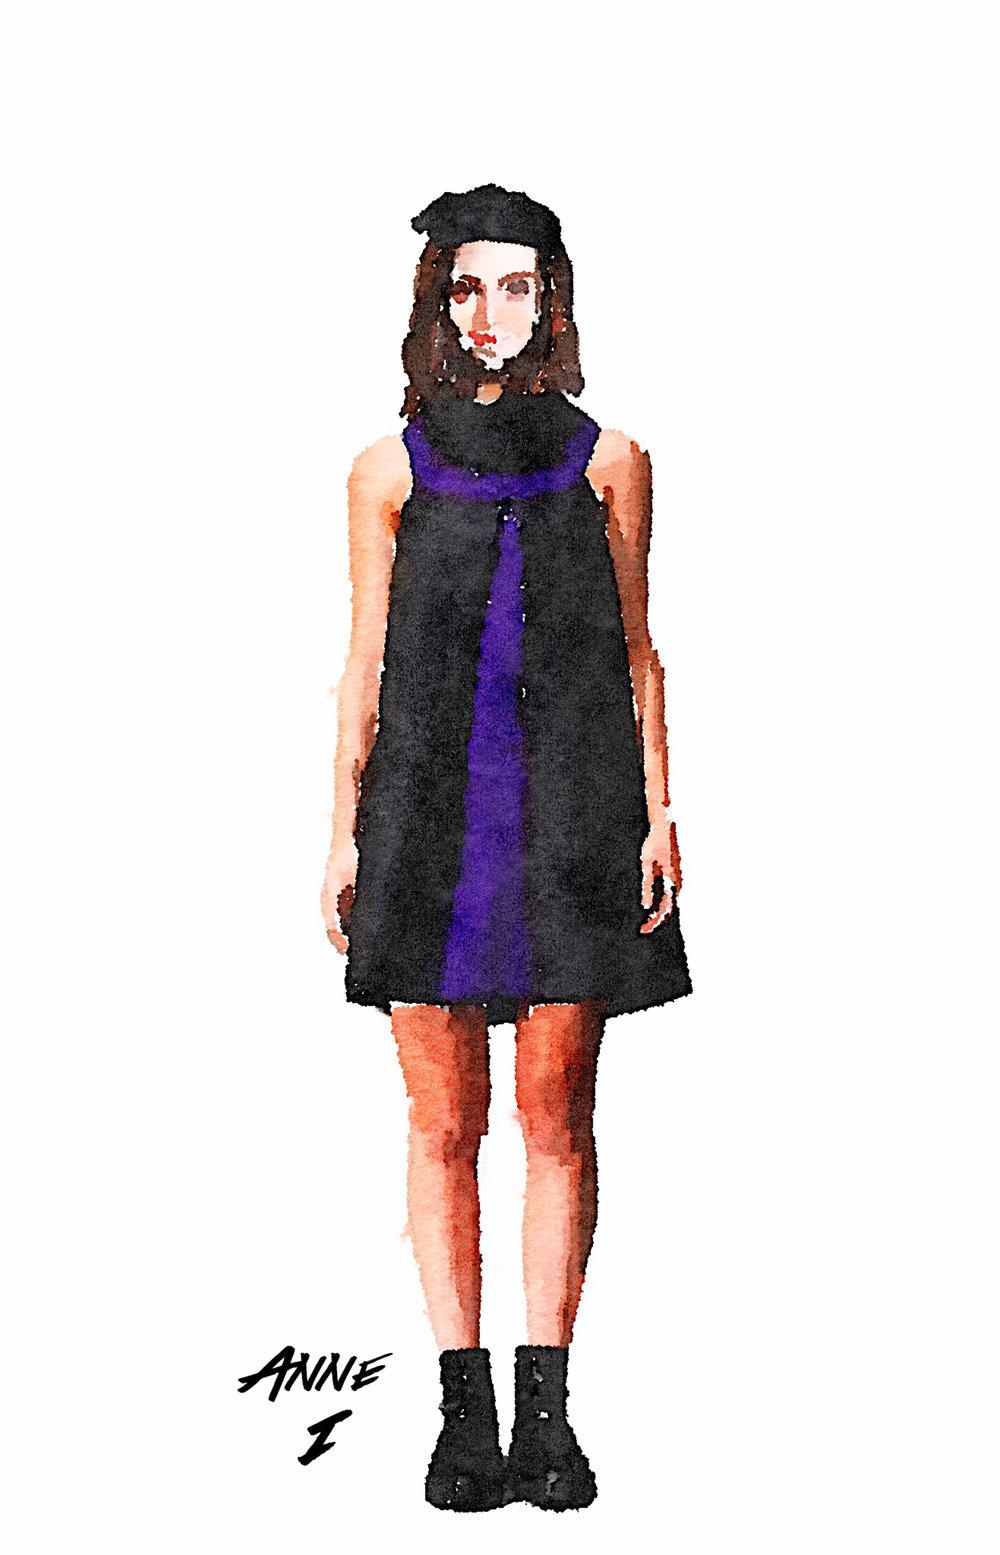 Anne 1 copy.jpg